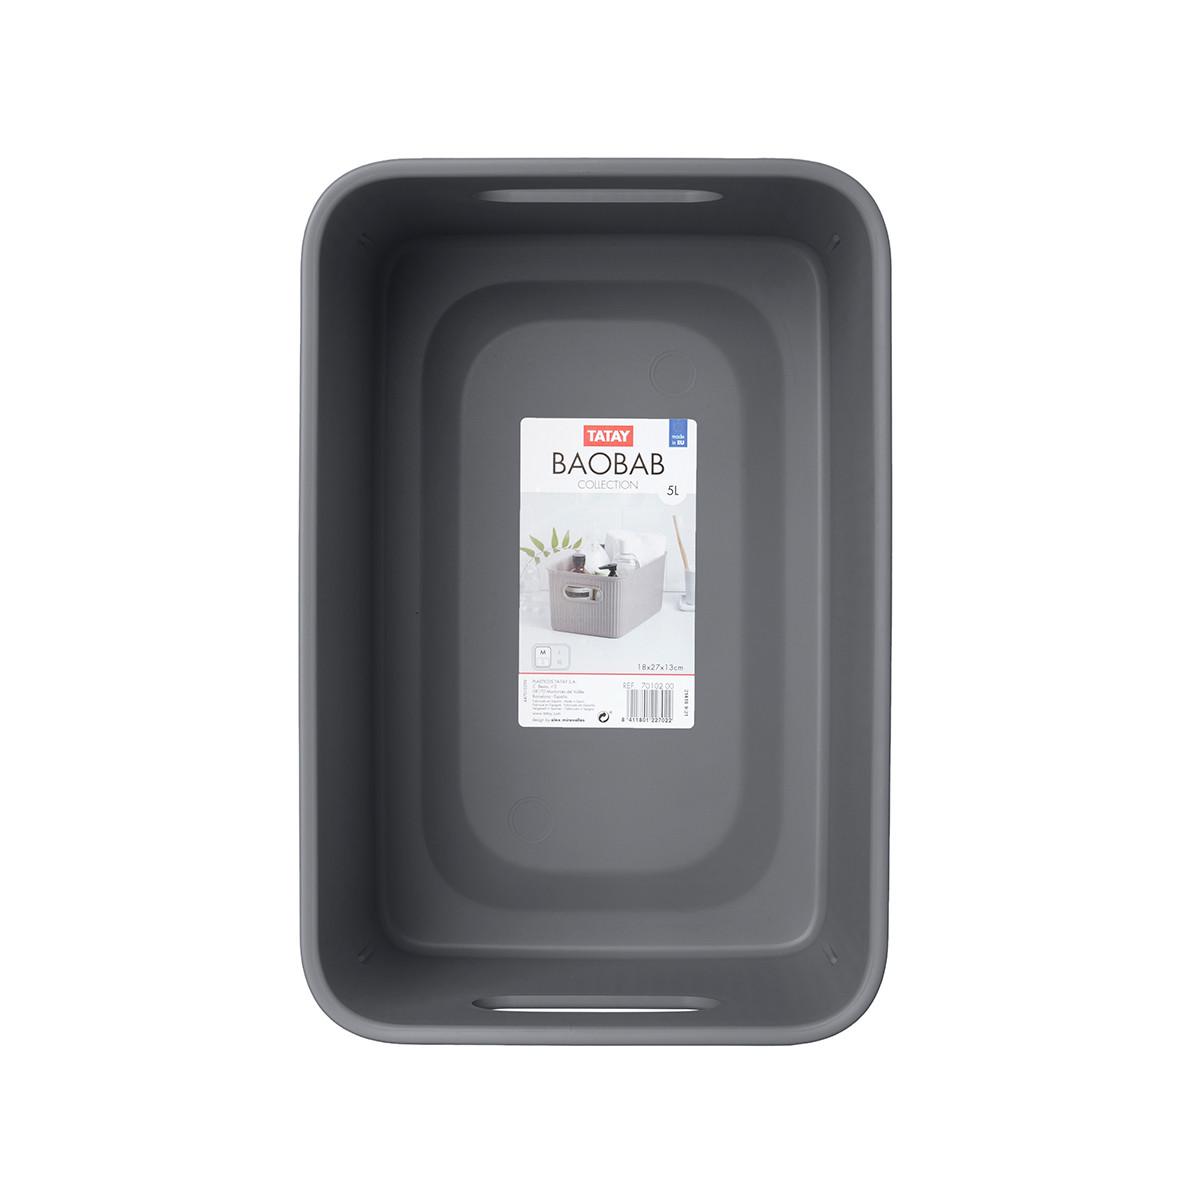 Κουτί Αποθήκευσης Tatay Baobab Medium 70102.14 Anthracite